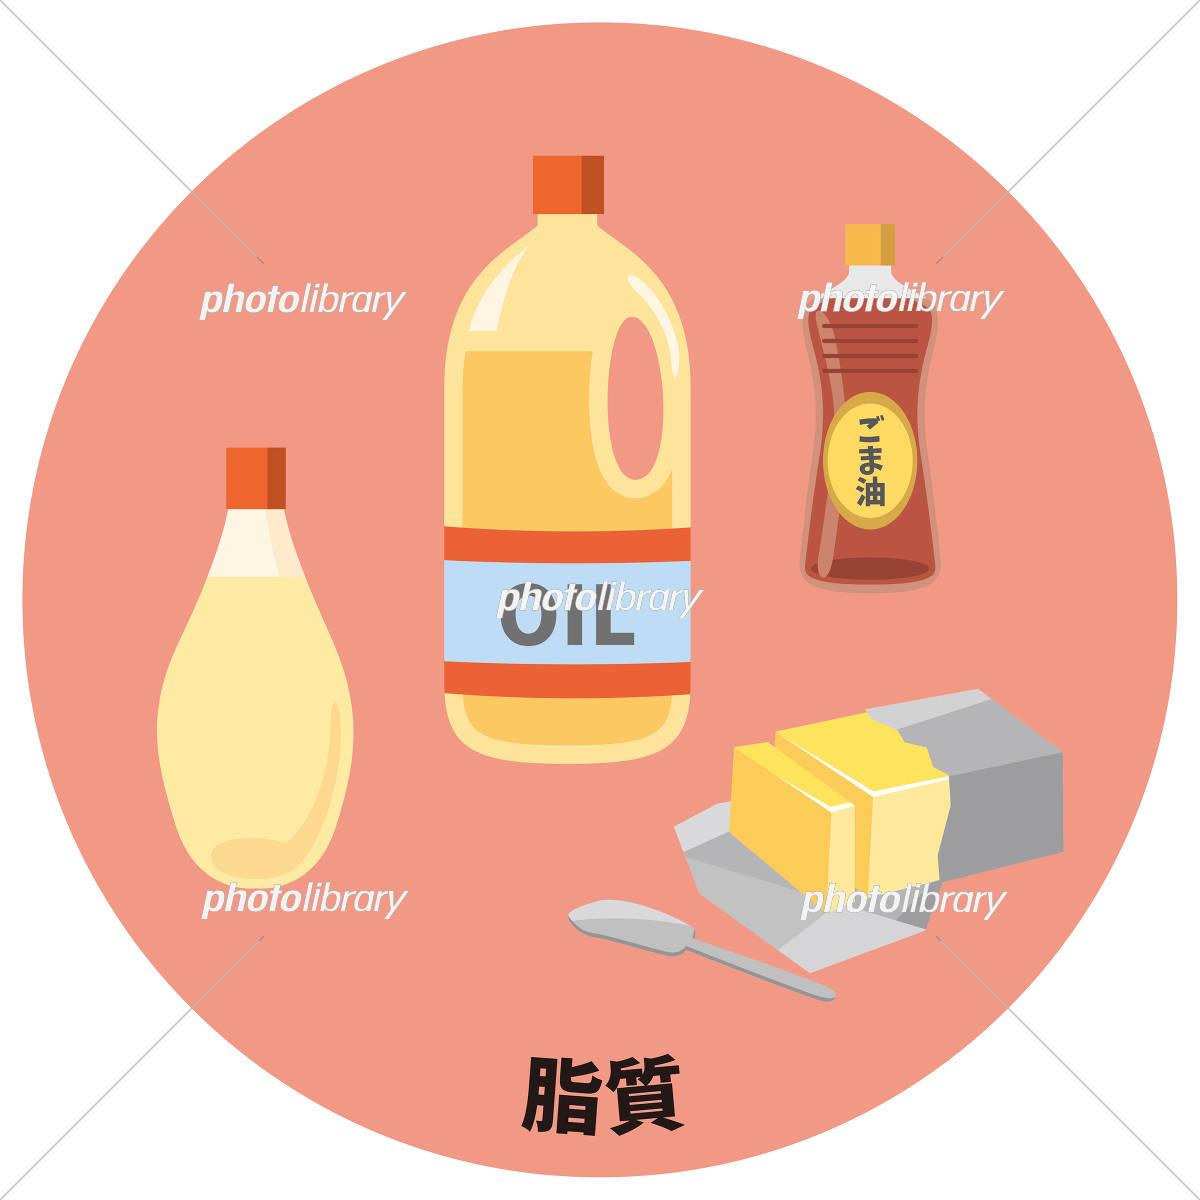 五大栄養素 脂質 イラスト素材 [...